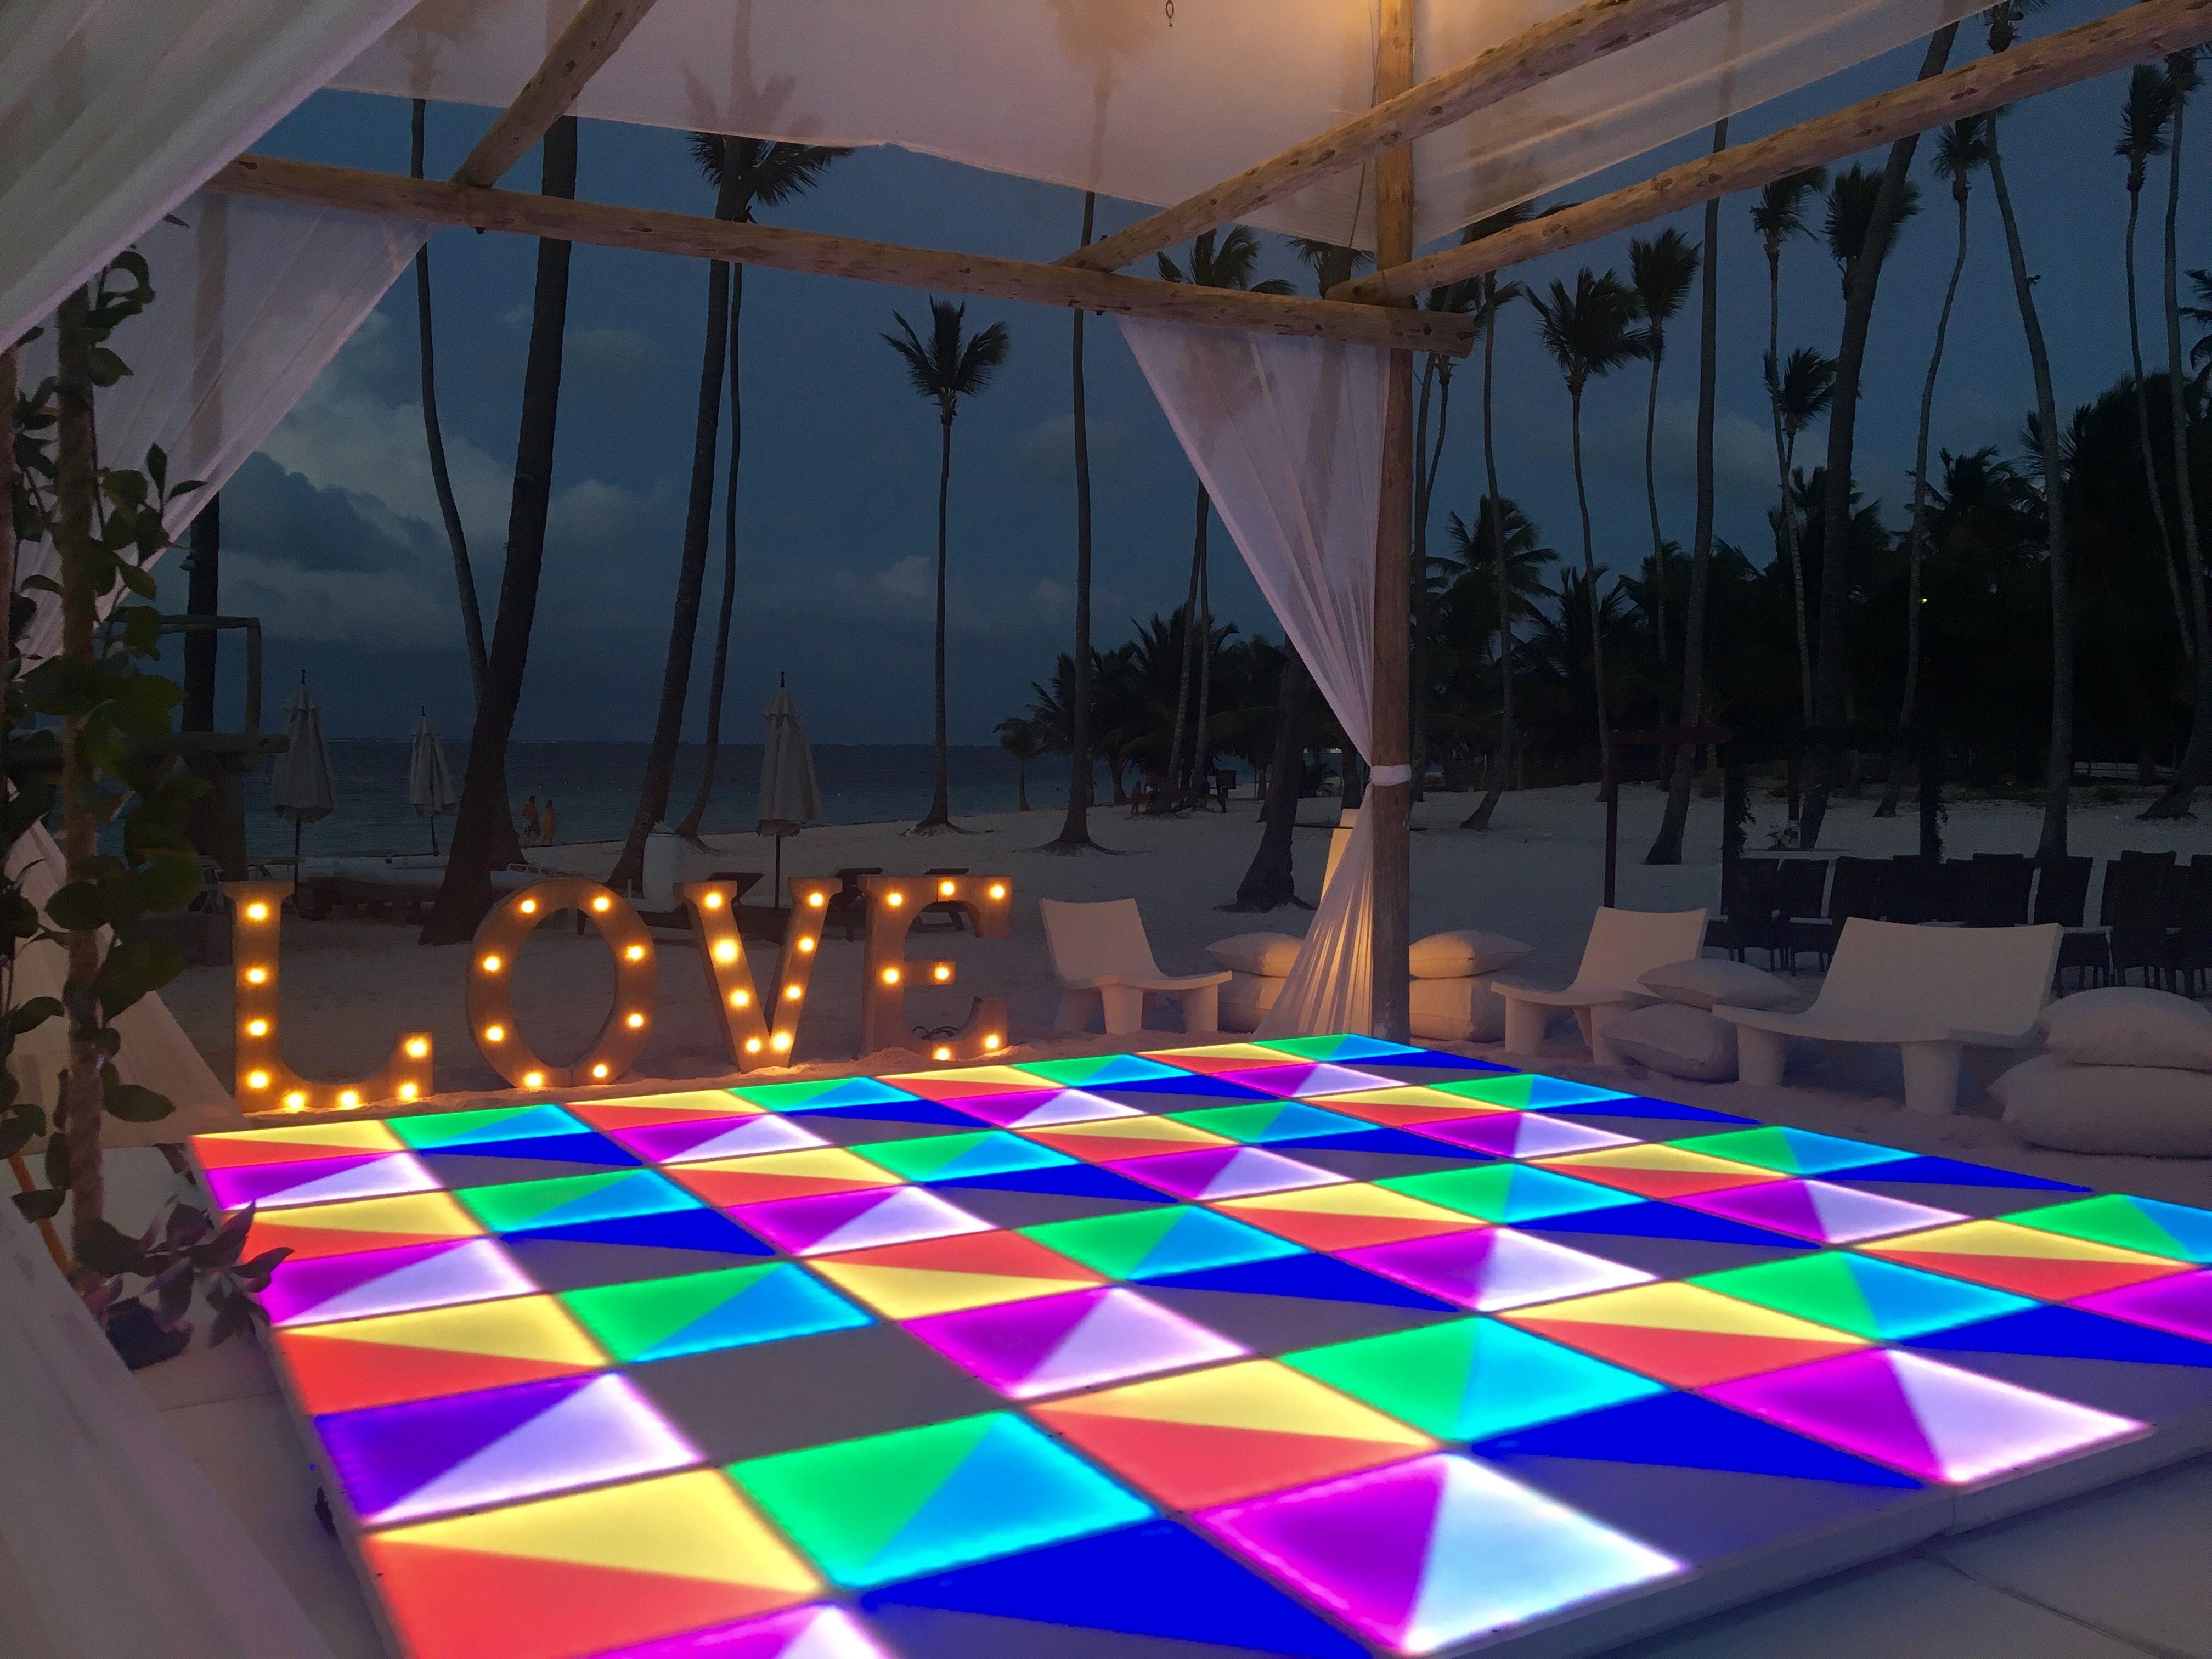 Led Dance Floor On The Beach